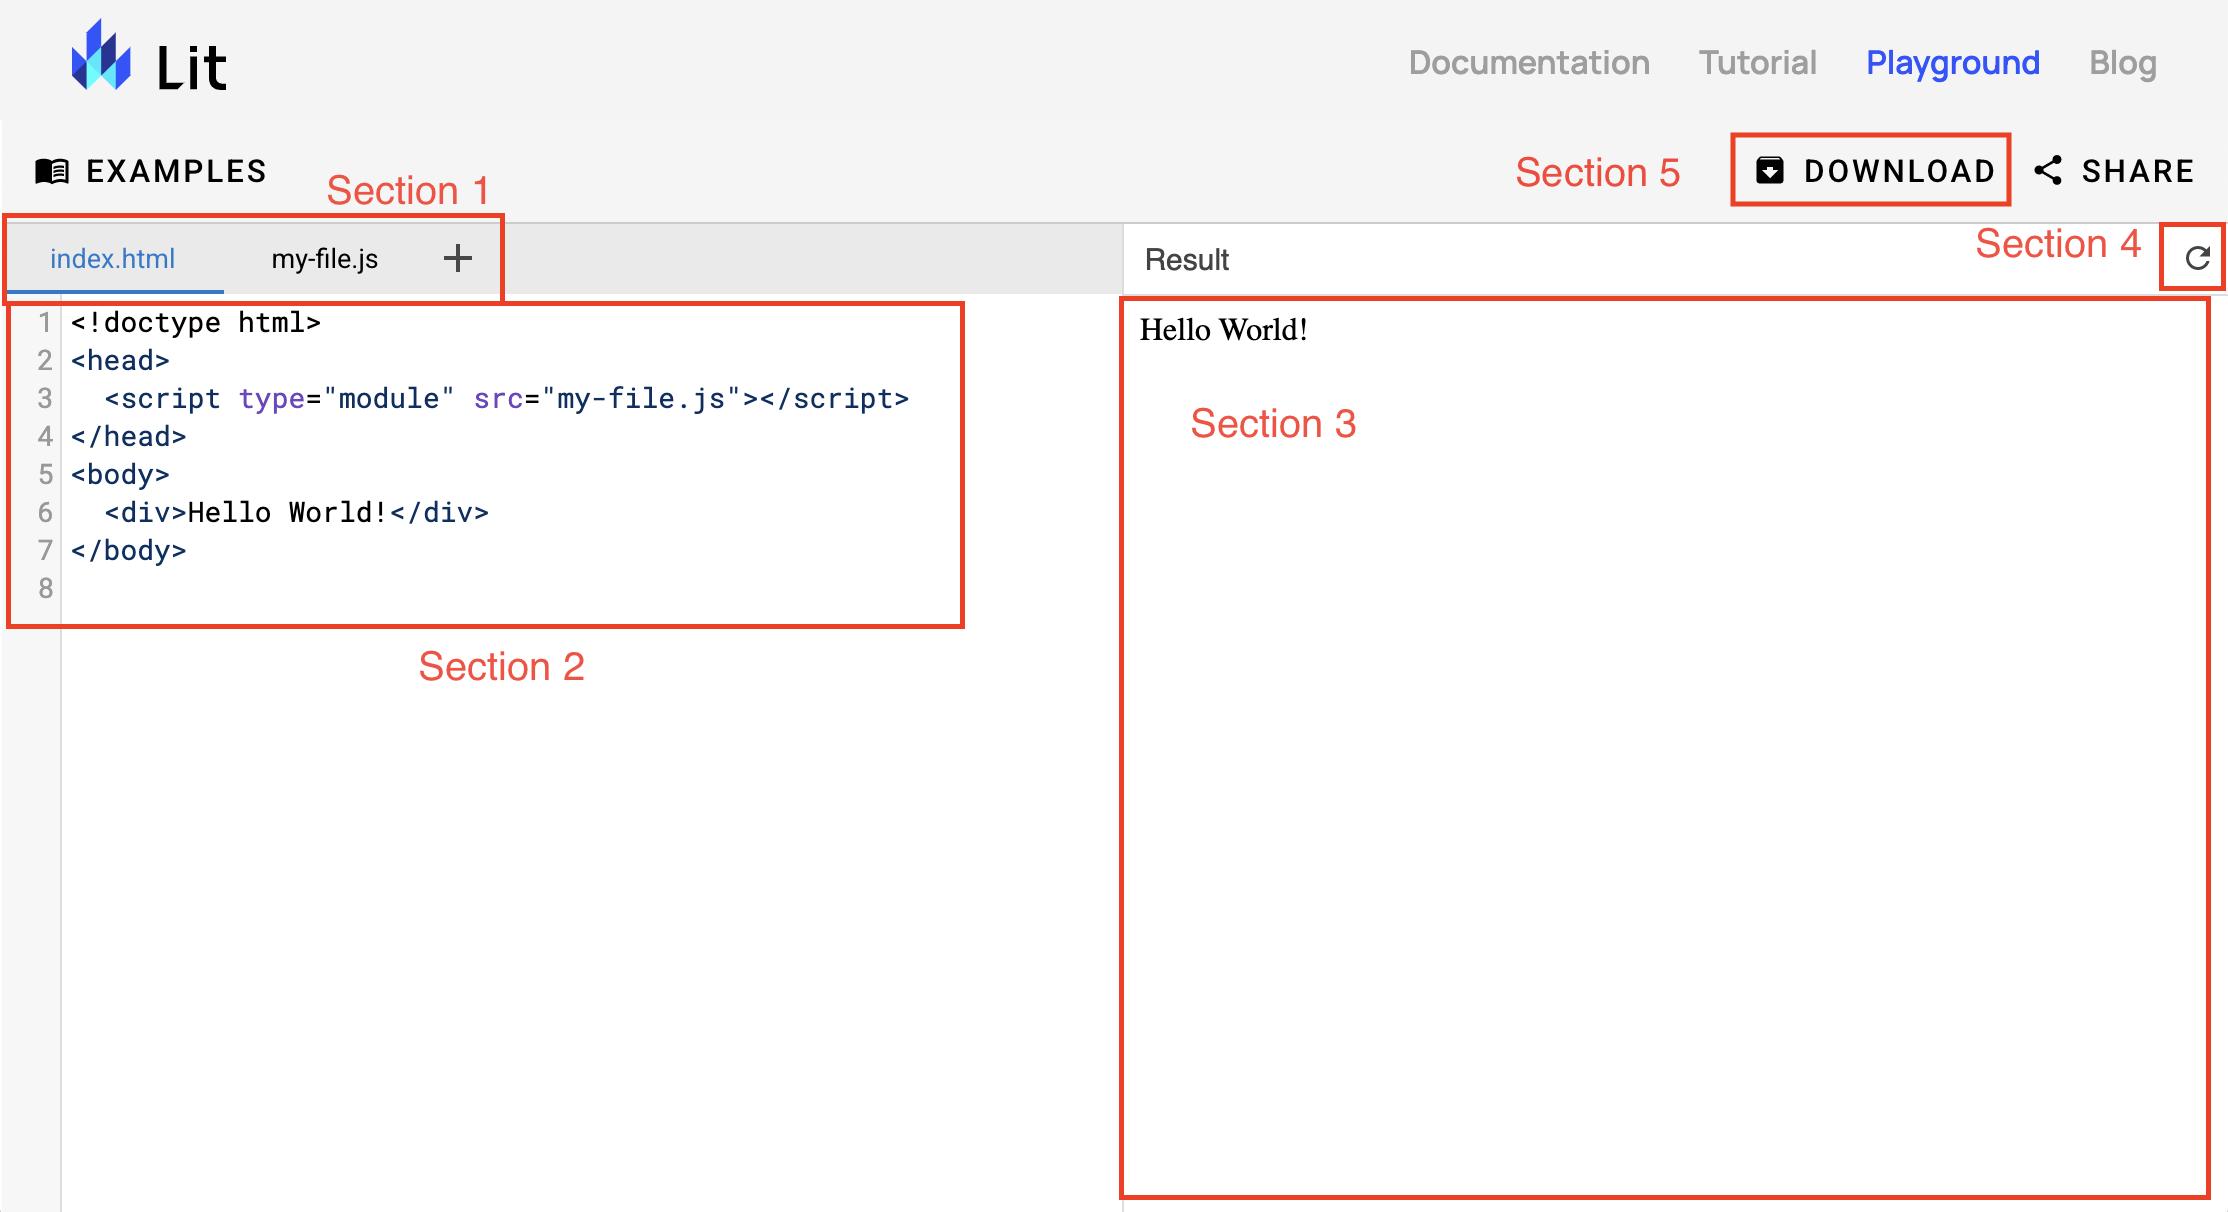 ファイル選択ツールのタブバーに「セクション 1」、コード編集セクションに「セクション 2」、出力プレビューに「セクション 3」、プレビューの再読み込みボタンに「セクション 4」のラベルが付いています